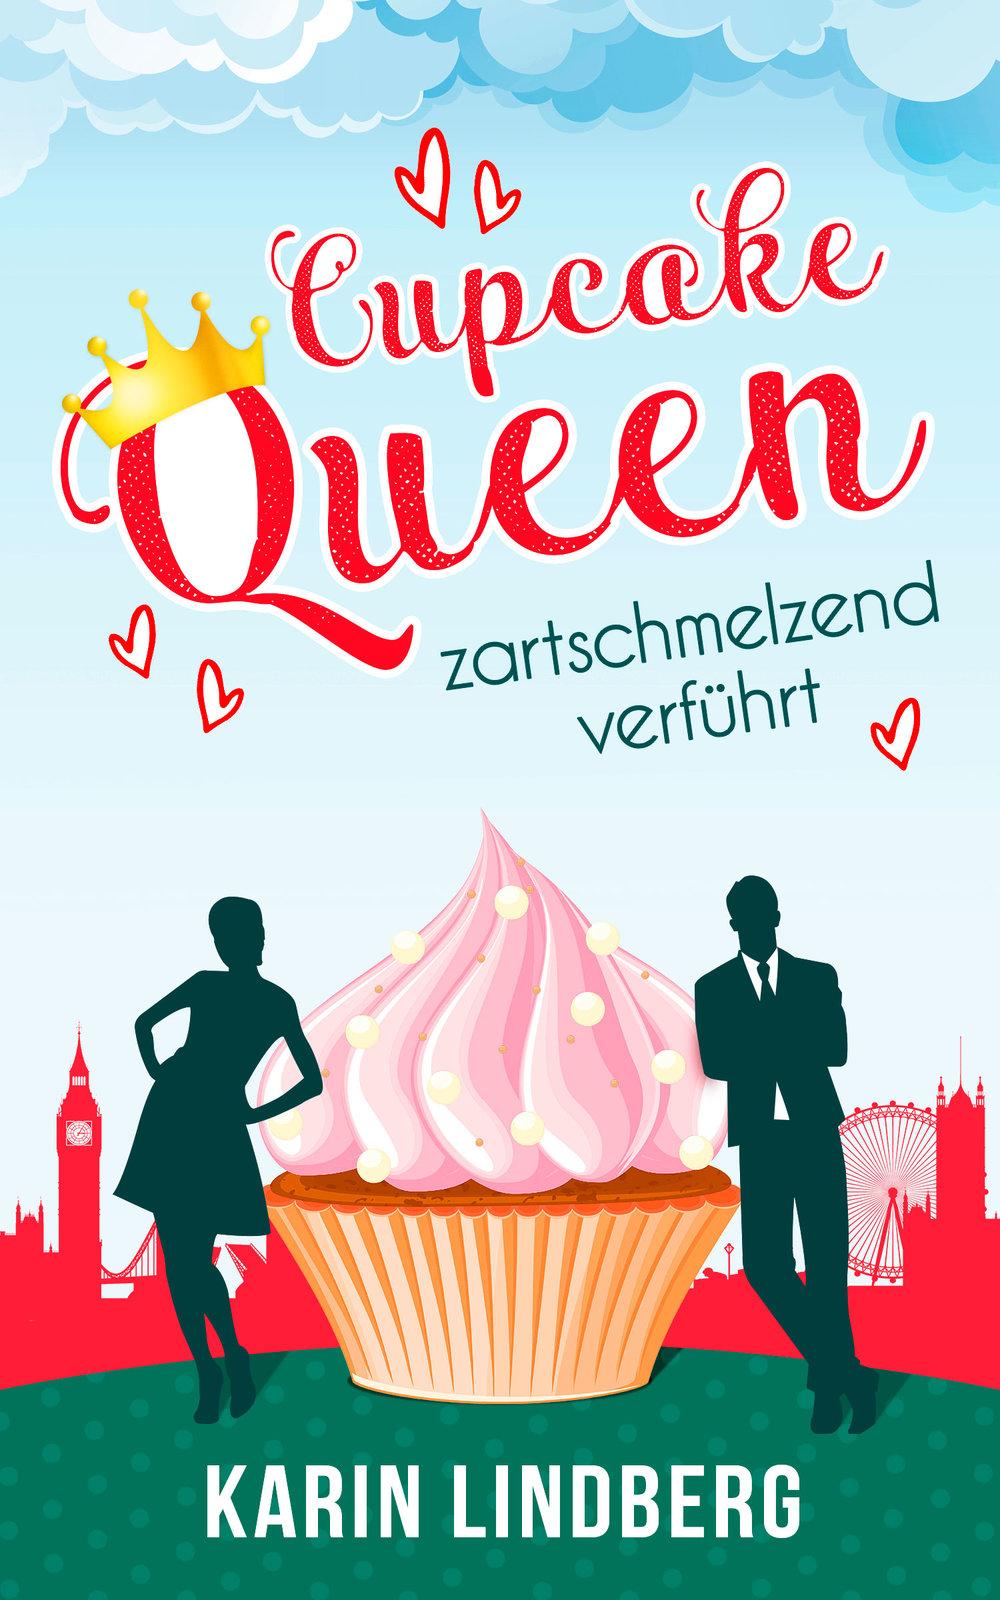 Karin-Lindberg-CupcakeQueen-Ebook-und-Web-01-CK.jpg